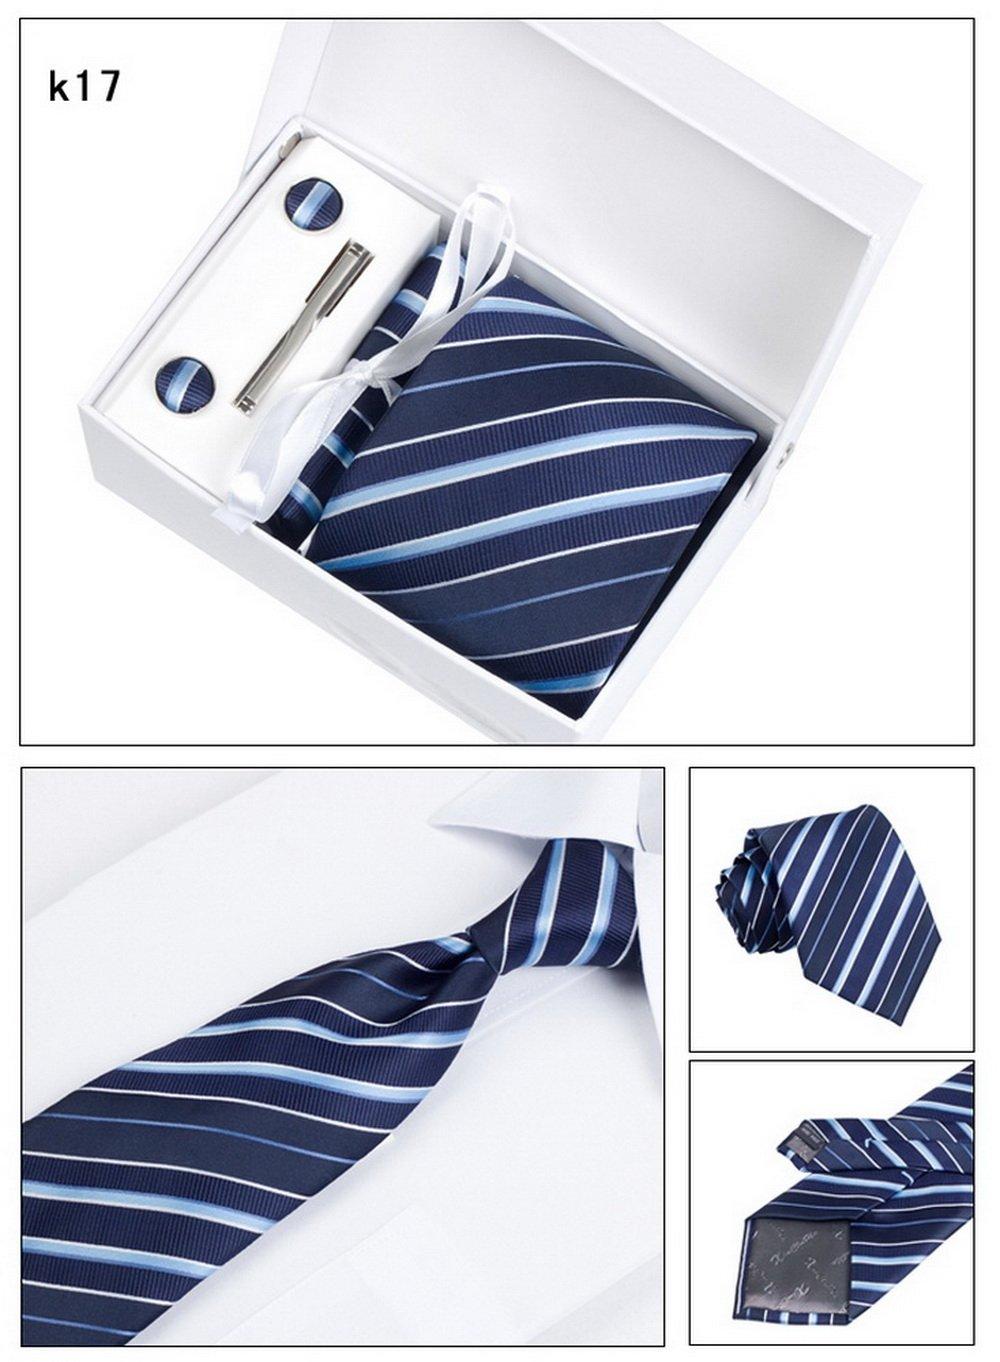 PAHALA Mens Fashion Necktie Cufflinks Tie Bar Pocket Square Set Box (K21) PAHALAK21